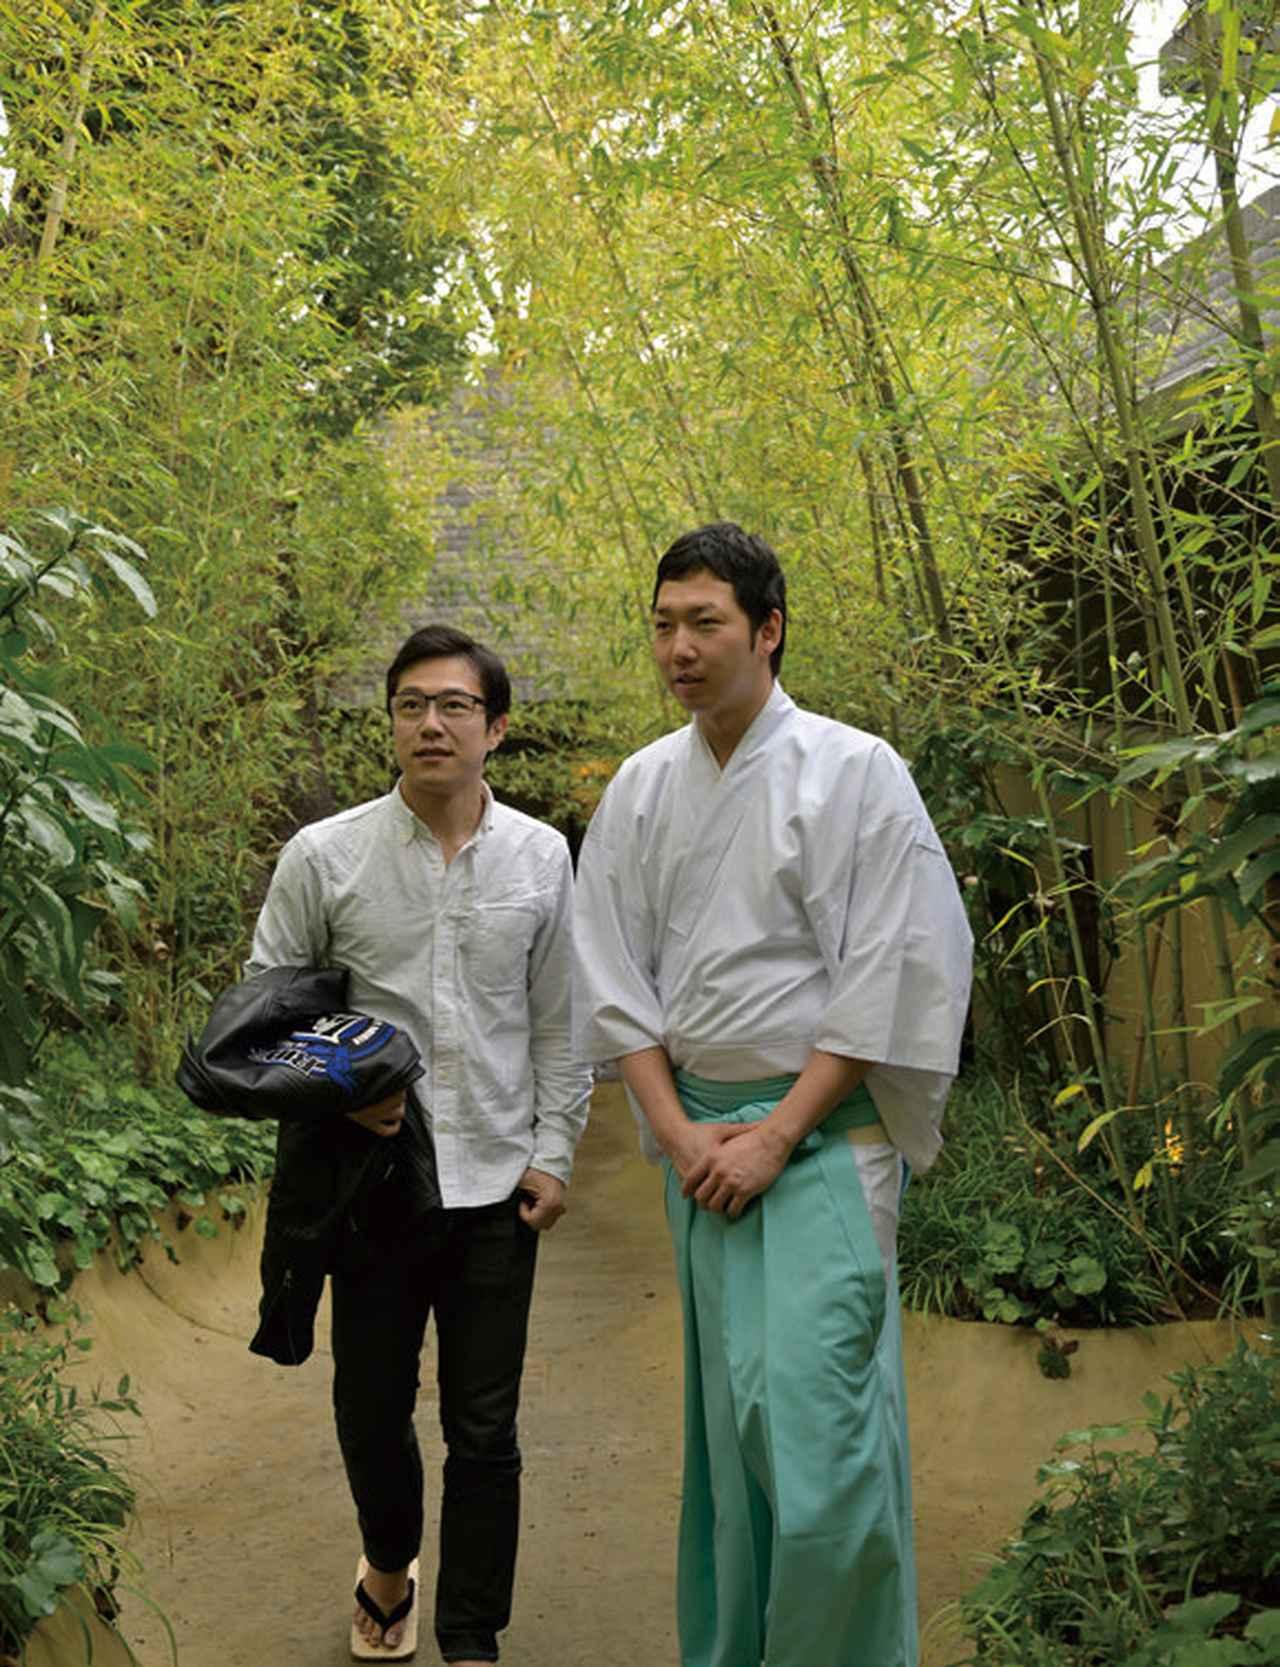 画像: 境内を案内してくださったのは、権禰宜の三木文裕さんです。大楠参道『楠への小路』には、お祓いや身を清める意味を持つ草木が植えられています。